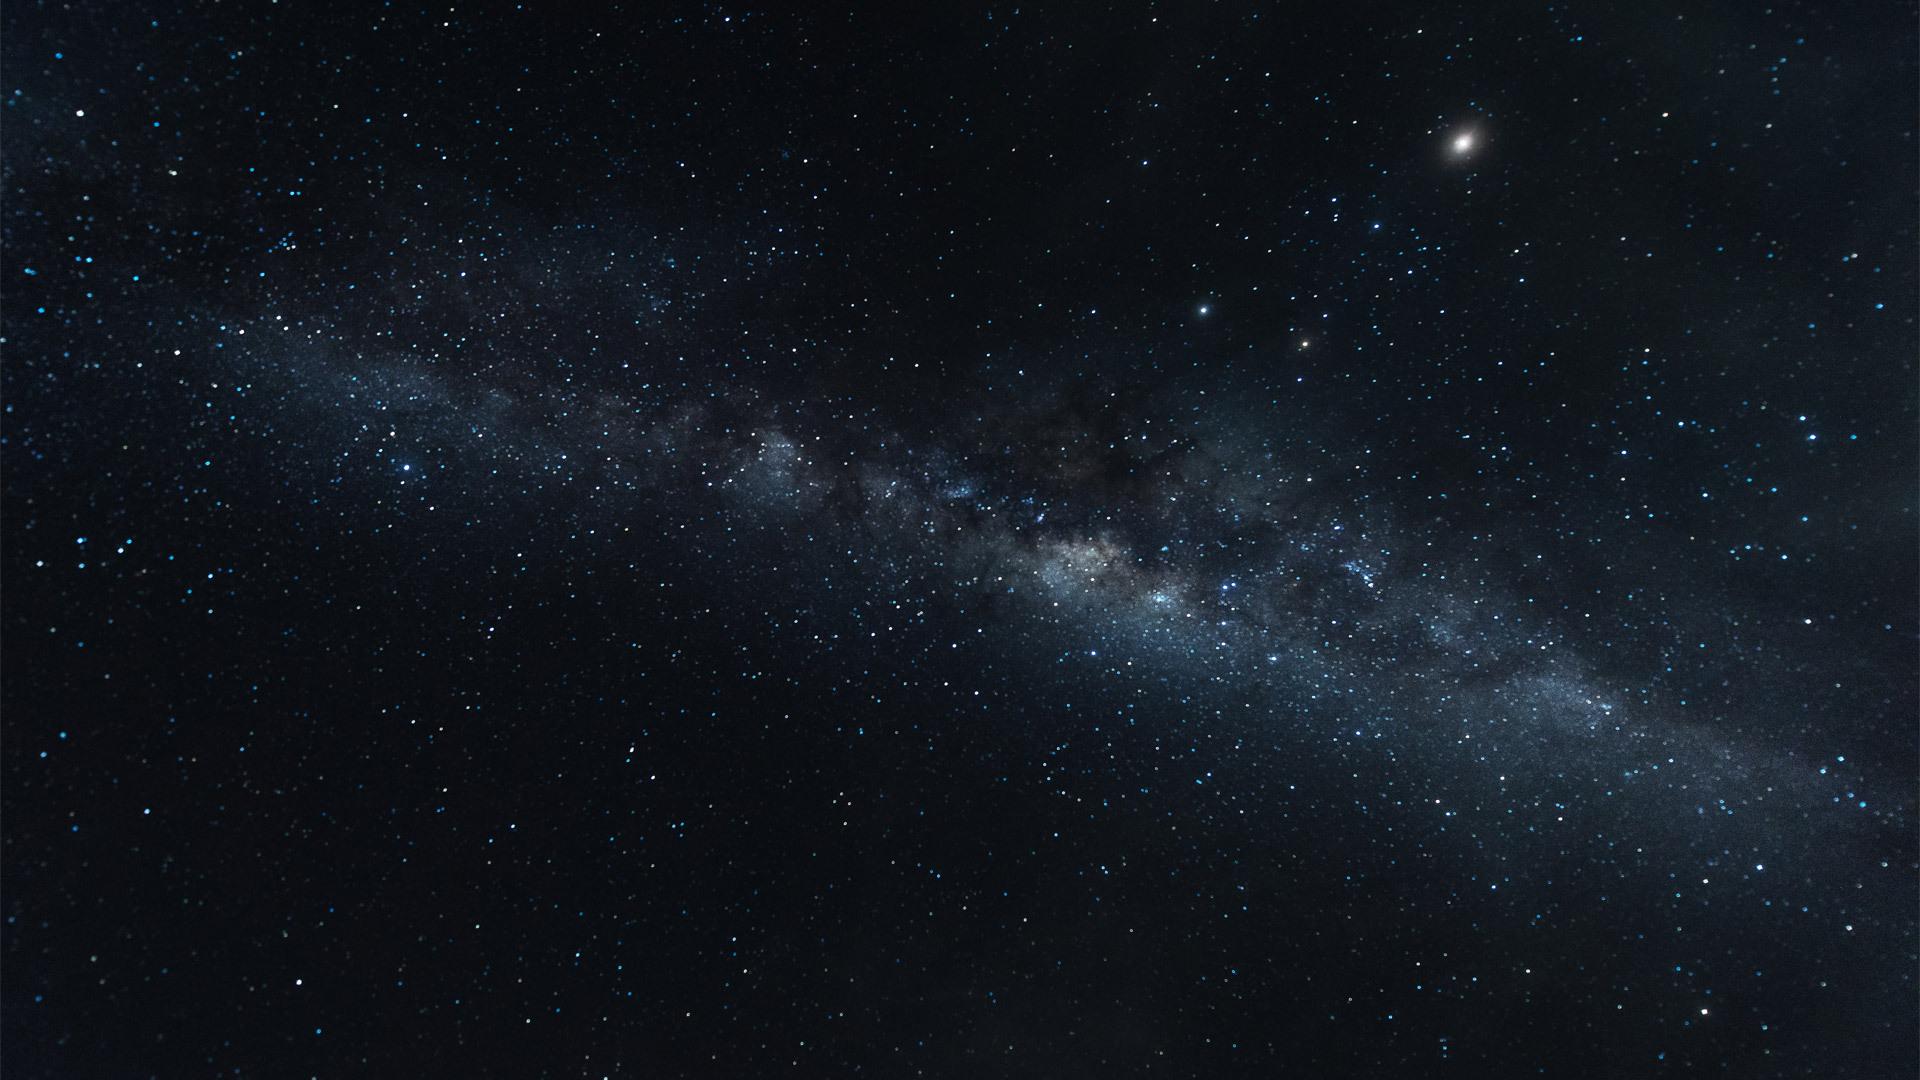 星球+引力,模块+连接<br/>来自浩瀚宇宙的灵感启发